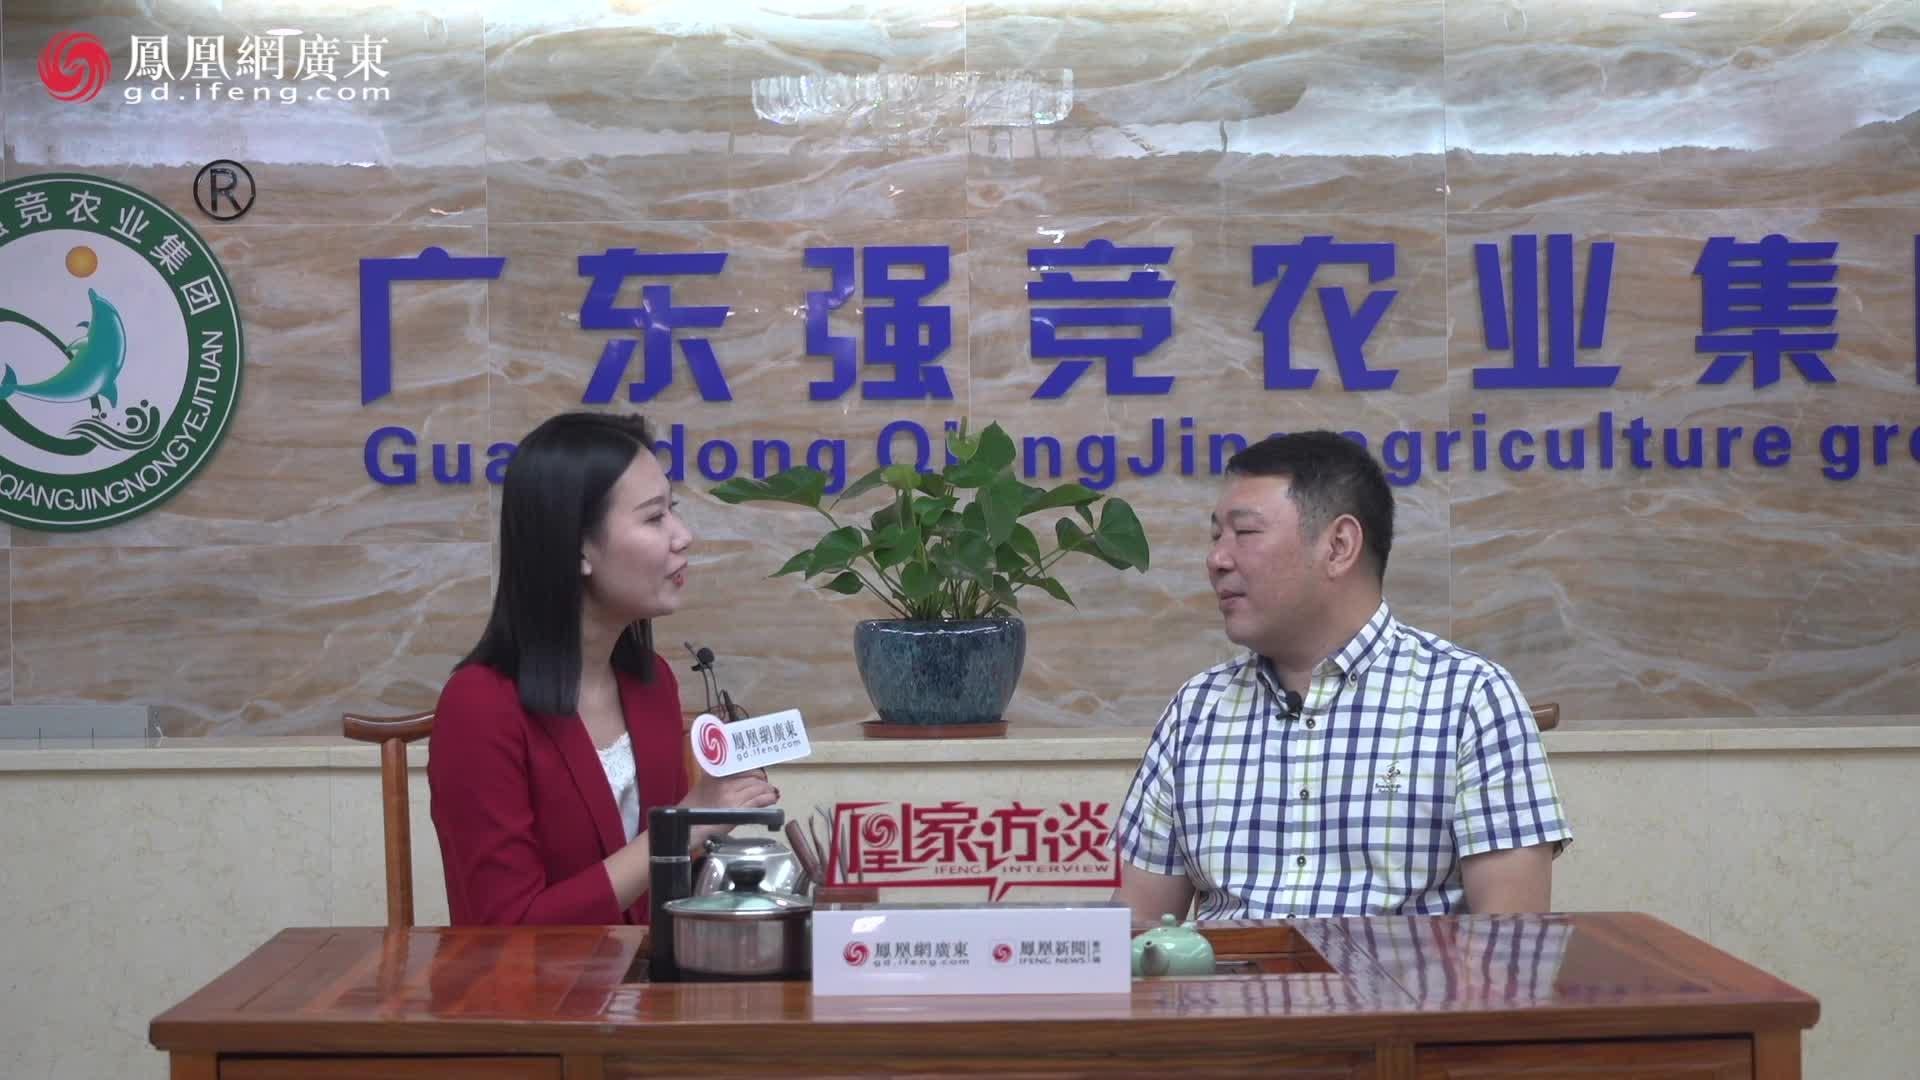 凰家访谈|刘强:我相信国外消费者也会认可白蕉海鲈